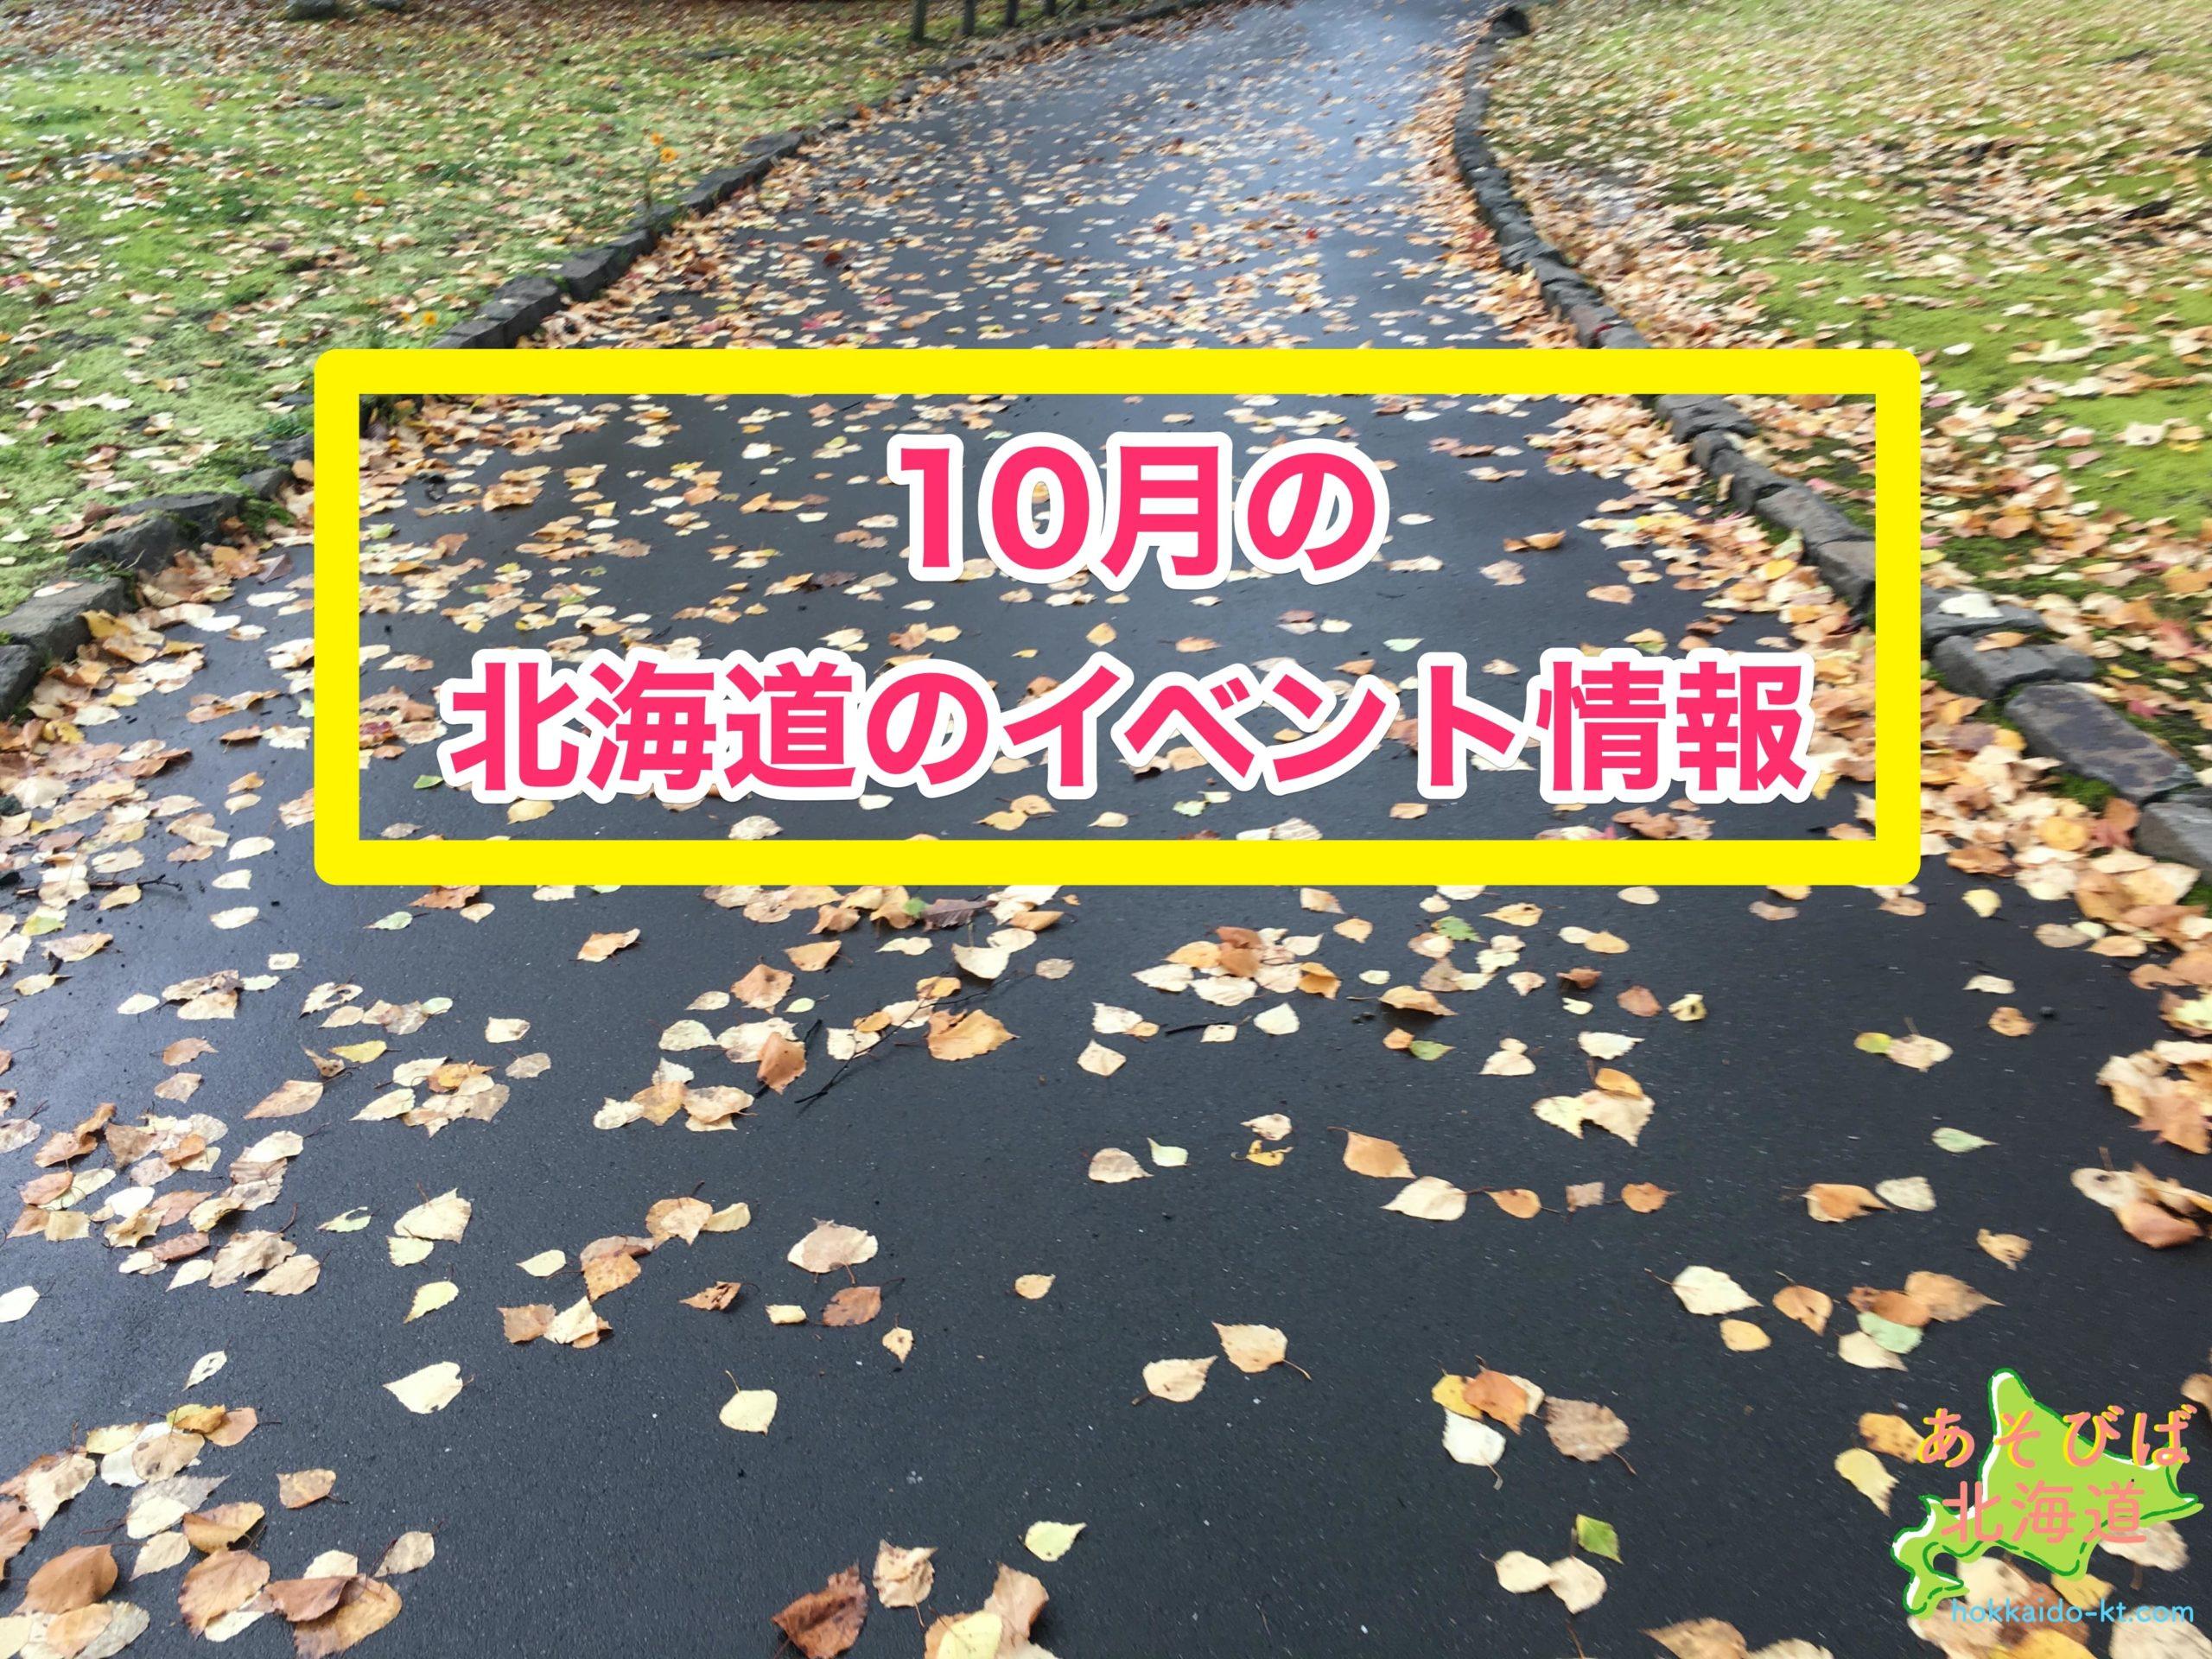 10月の北海道のベント情報